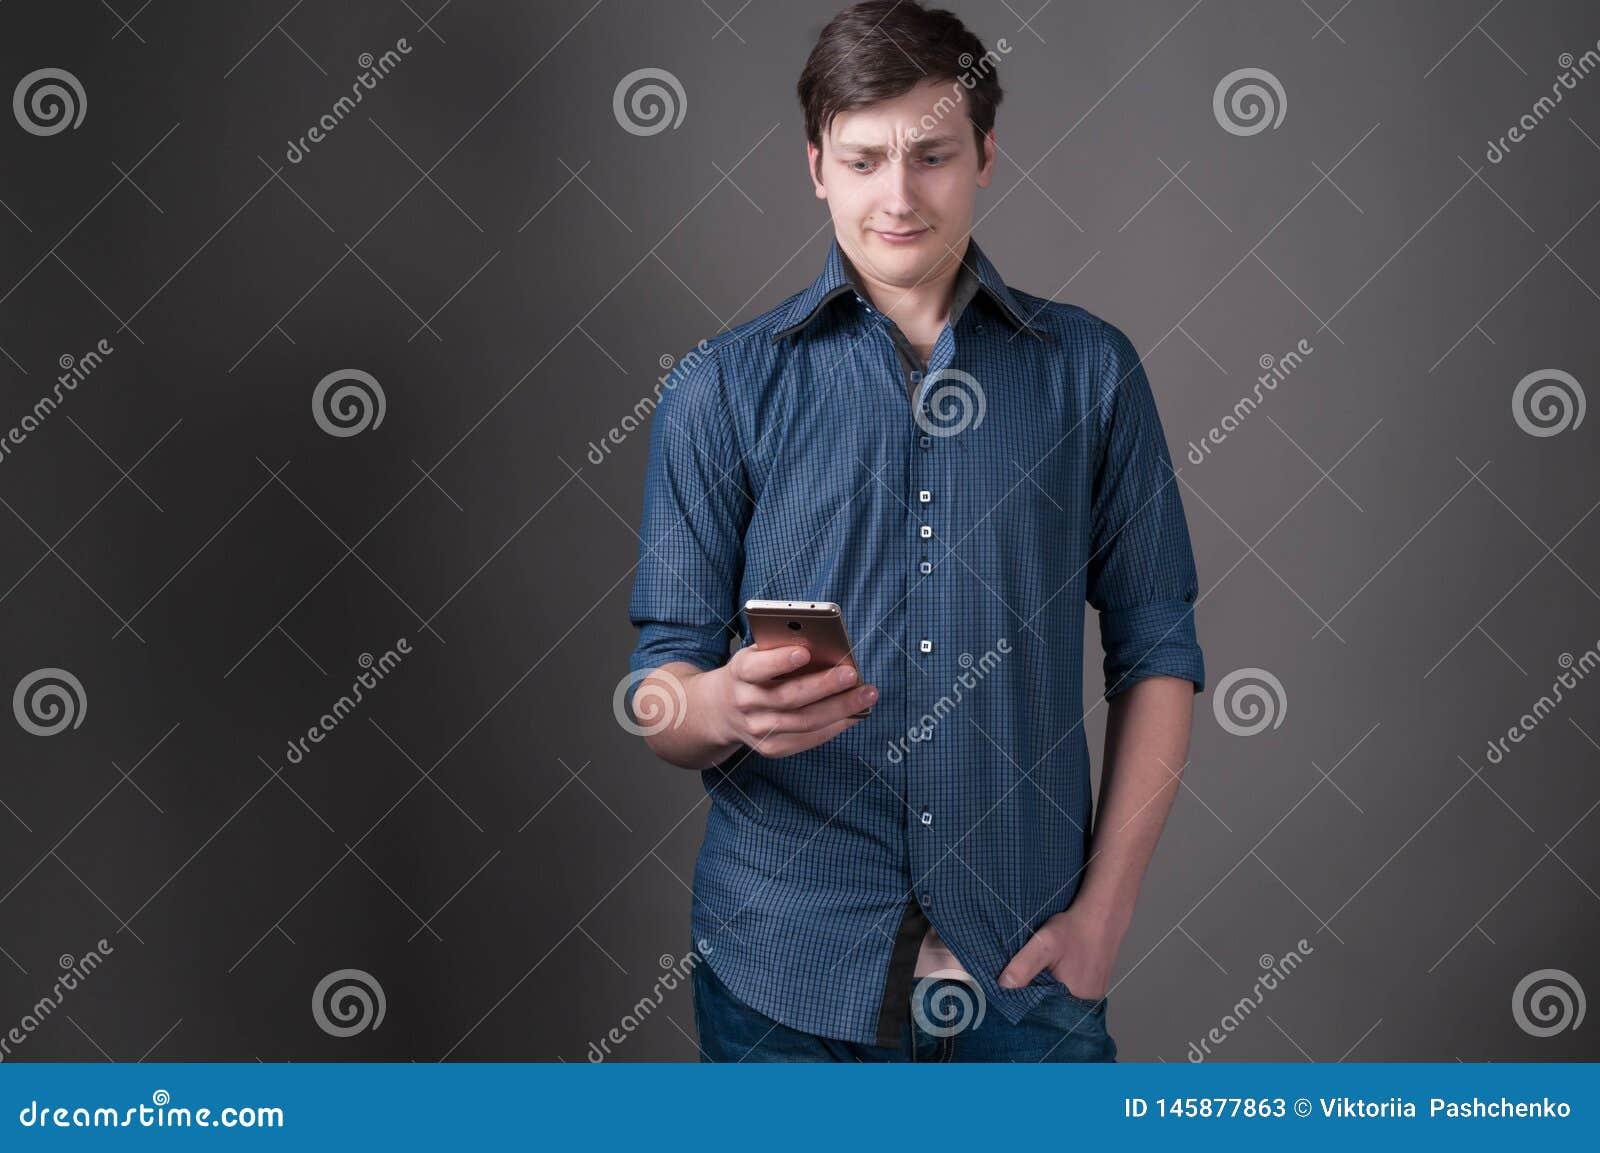 Ο φοβησμένος όμορφος νεαρός άνδρας στο μπλε πουκάμισο με παραδίδει την τσέπη εξετάζοντας το smartphone στο γκρίζο υπόβαθρο